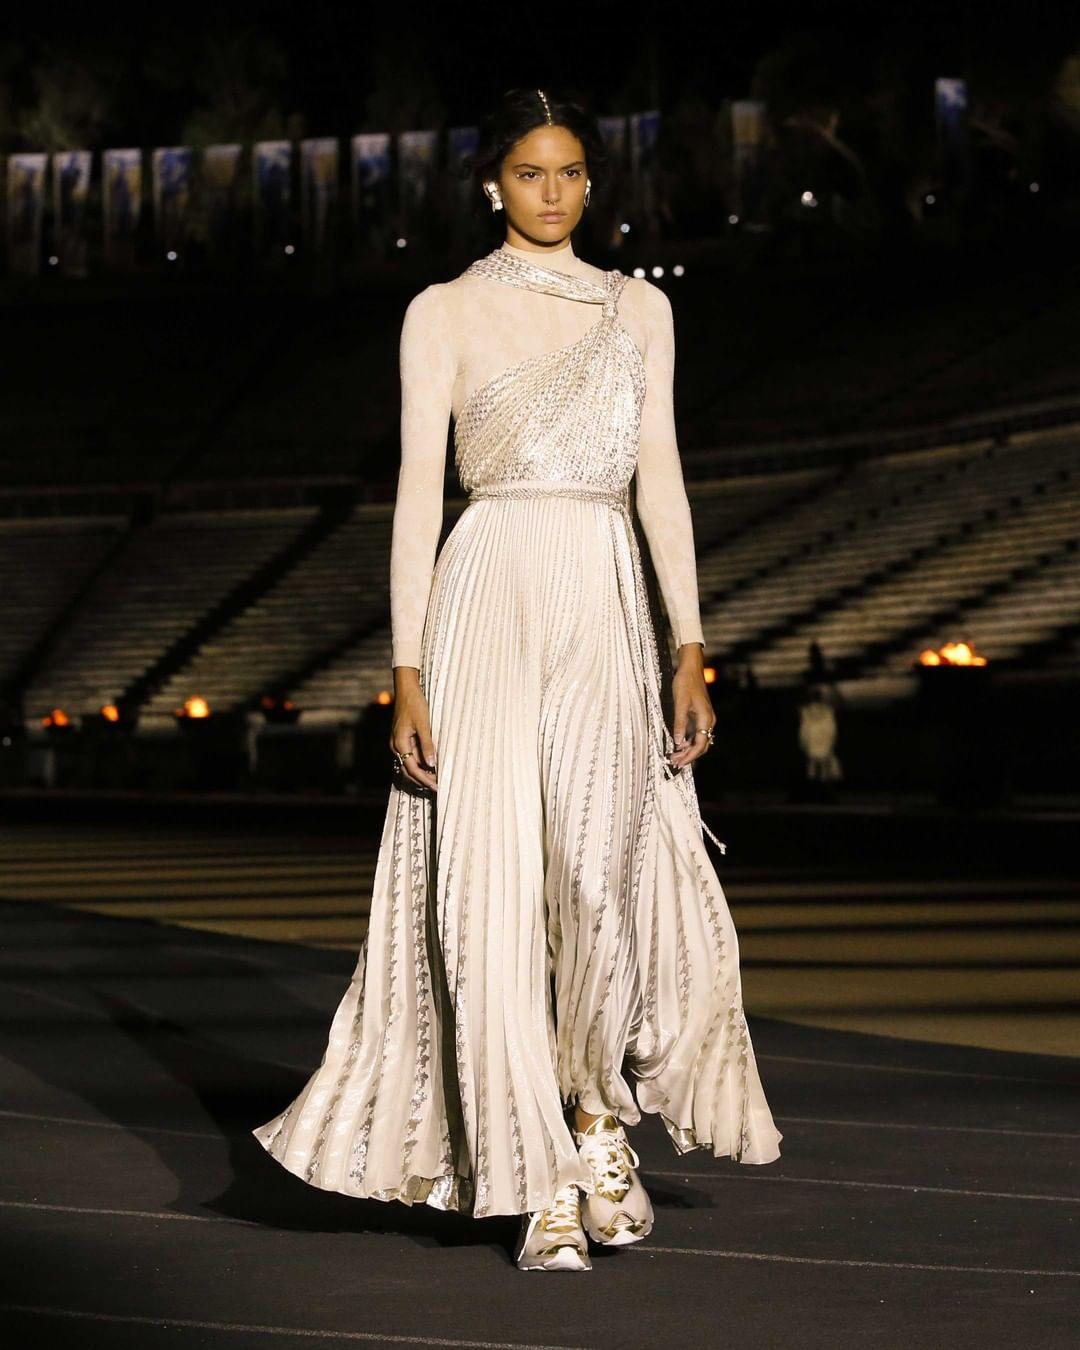 جمبسوت ببنطلون فضفاض من قماش الساتان باللون البيج، الفستان من علامة Dior.